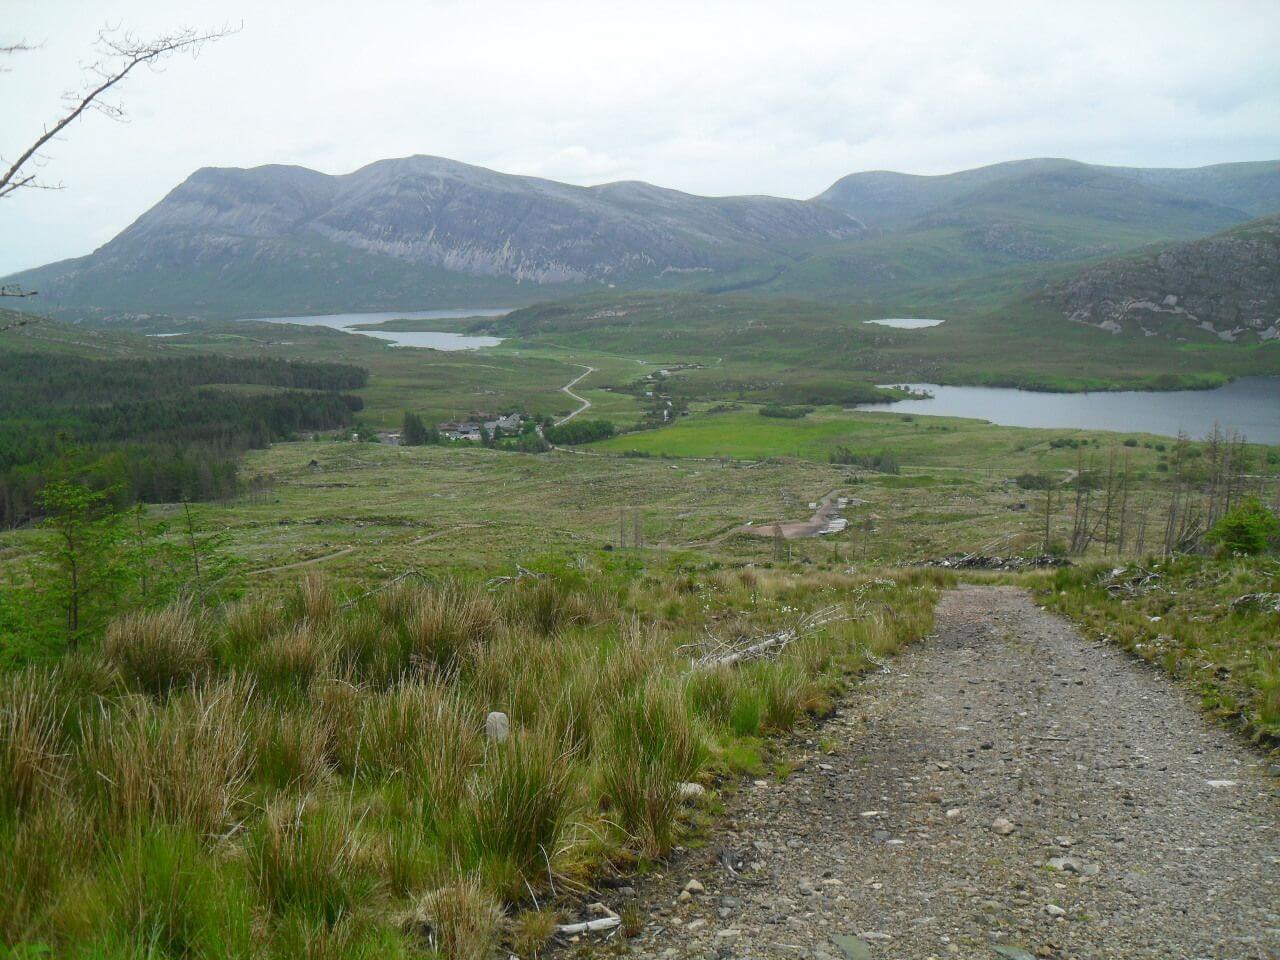 hier bin ich schon halb auf der gegenüberliegenden Talseite wieder hoch. Blick zurück auf den Weiler Achfary, Loch Stack und Arkle (links), Bealach Horn (Mitte) und Loch More (rechts). Der Anstieg ist mühsam, 360hm auf 2,7km. Ich schiebe das meiste